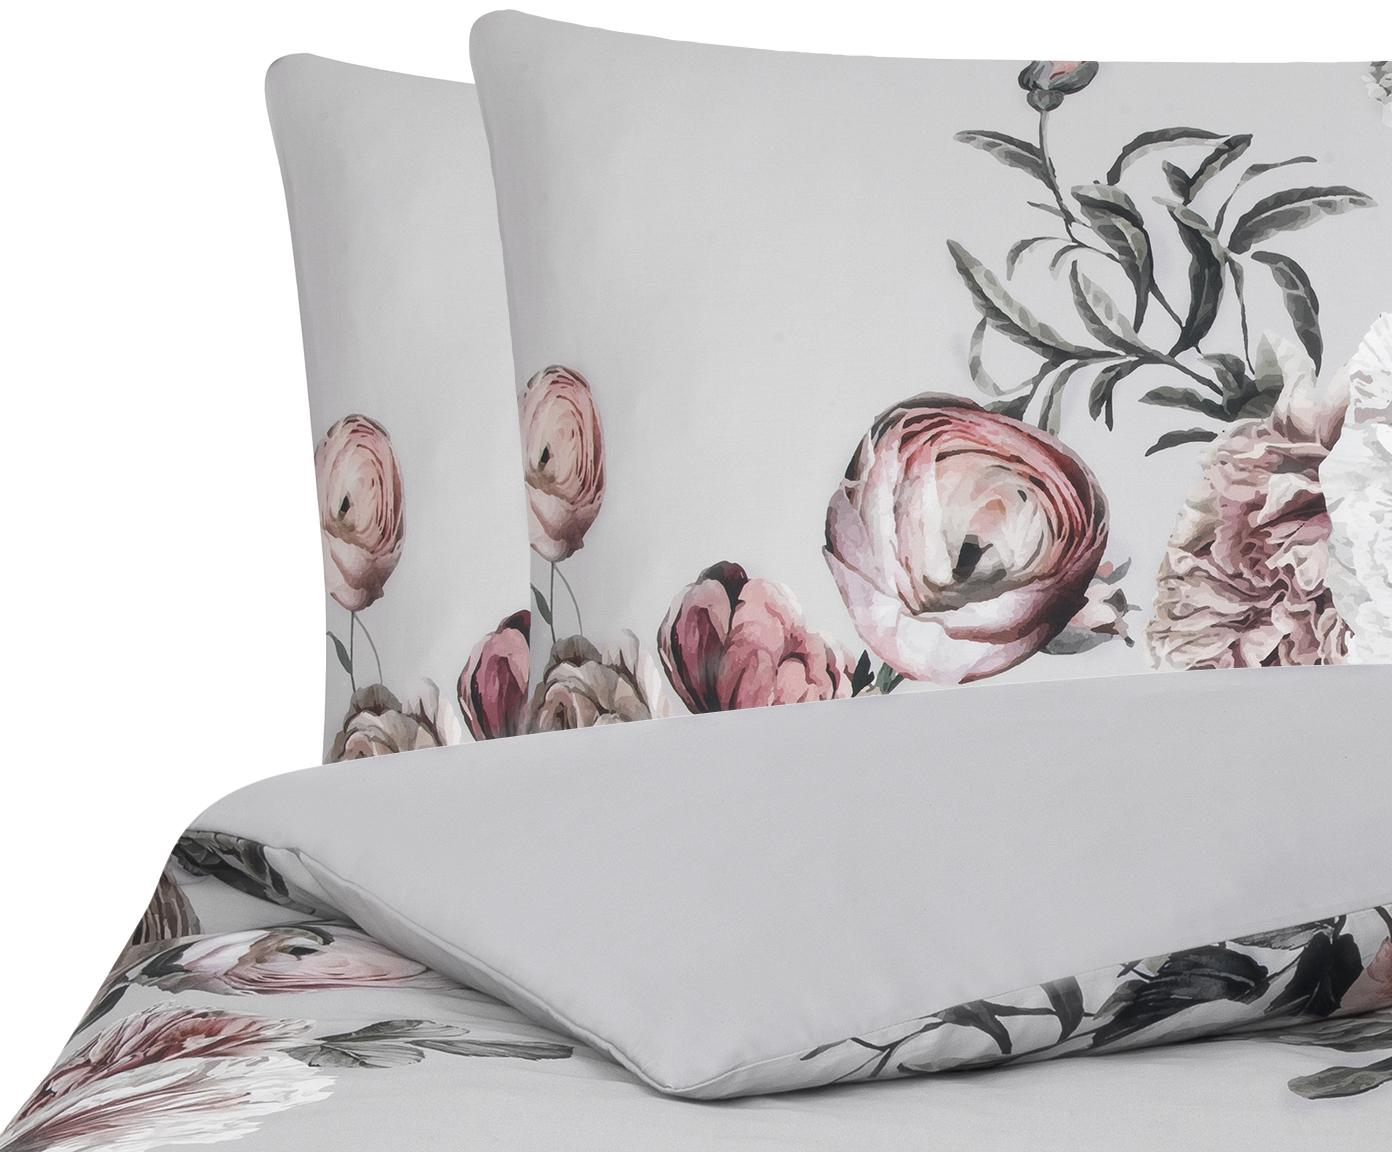 Baumwollsatin-Bettwäsche Blossom mit Blumen-Print, Webart: Satin Fadendichte 210 TC,, Mehrfarbig, Grau, 200 x 200 cm + 2 Kissen 80 x 80 cm